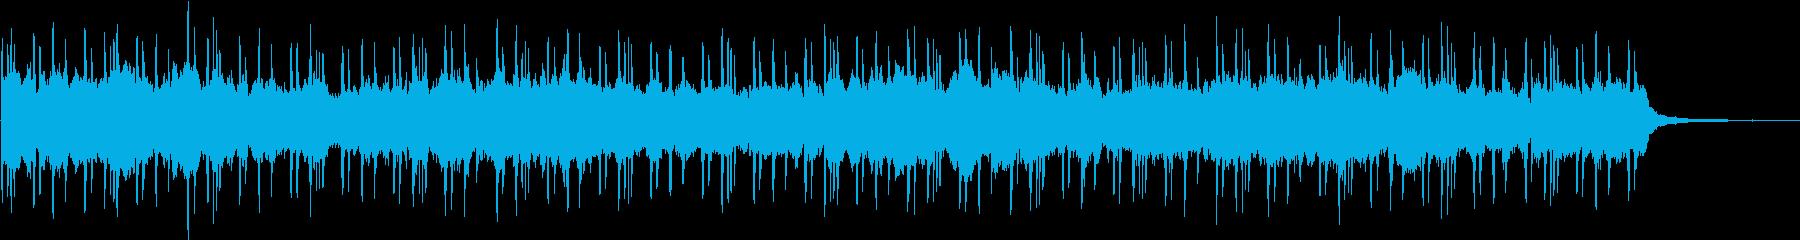 報道番組にありそうなBGMの再生済みの波形